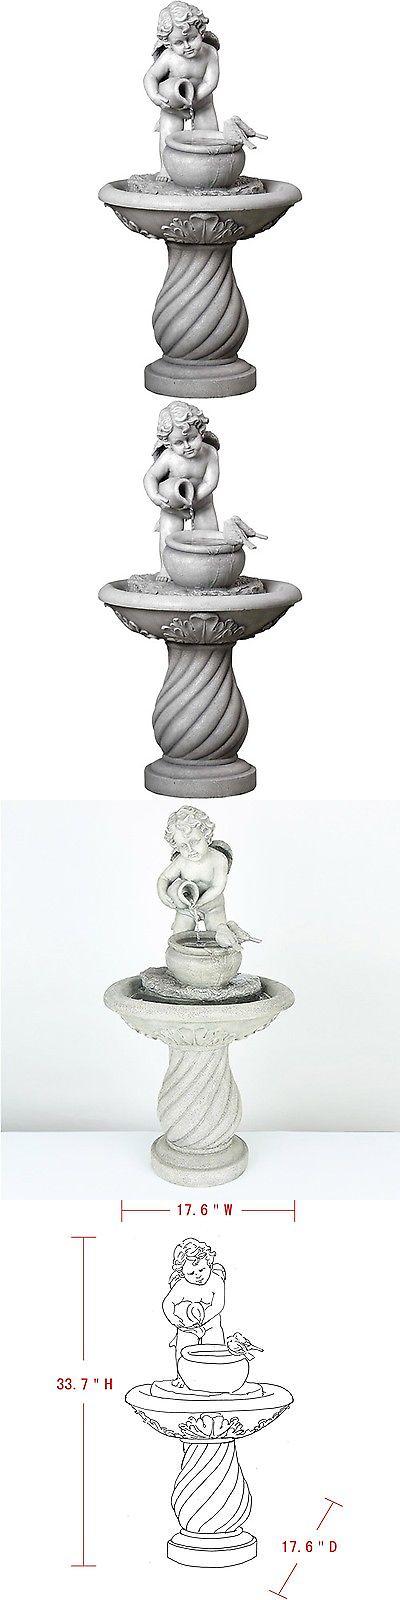 Indoor Fountains 20569: Cherub Fountain Home Décor Indoor Outdoor ...